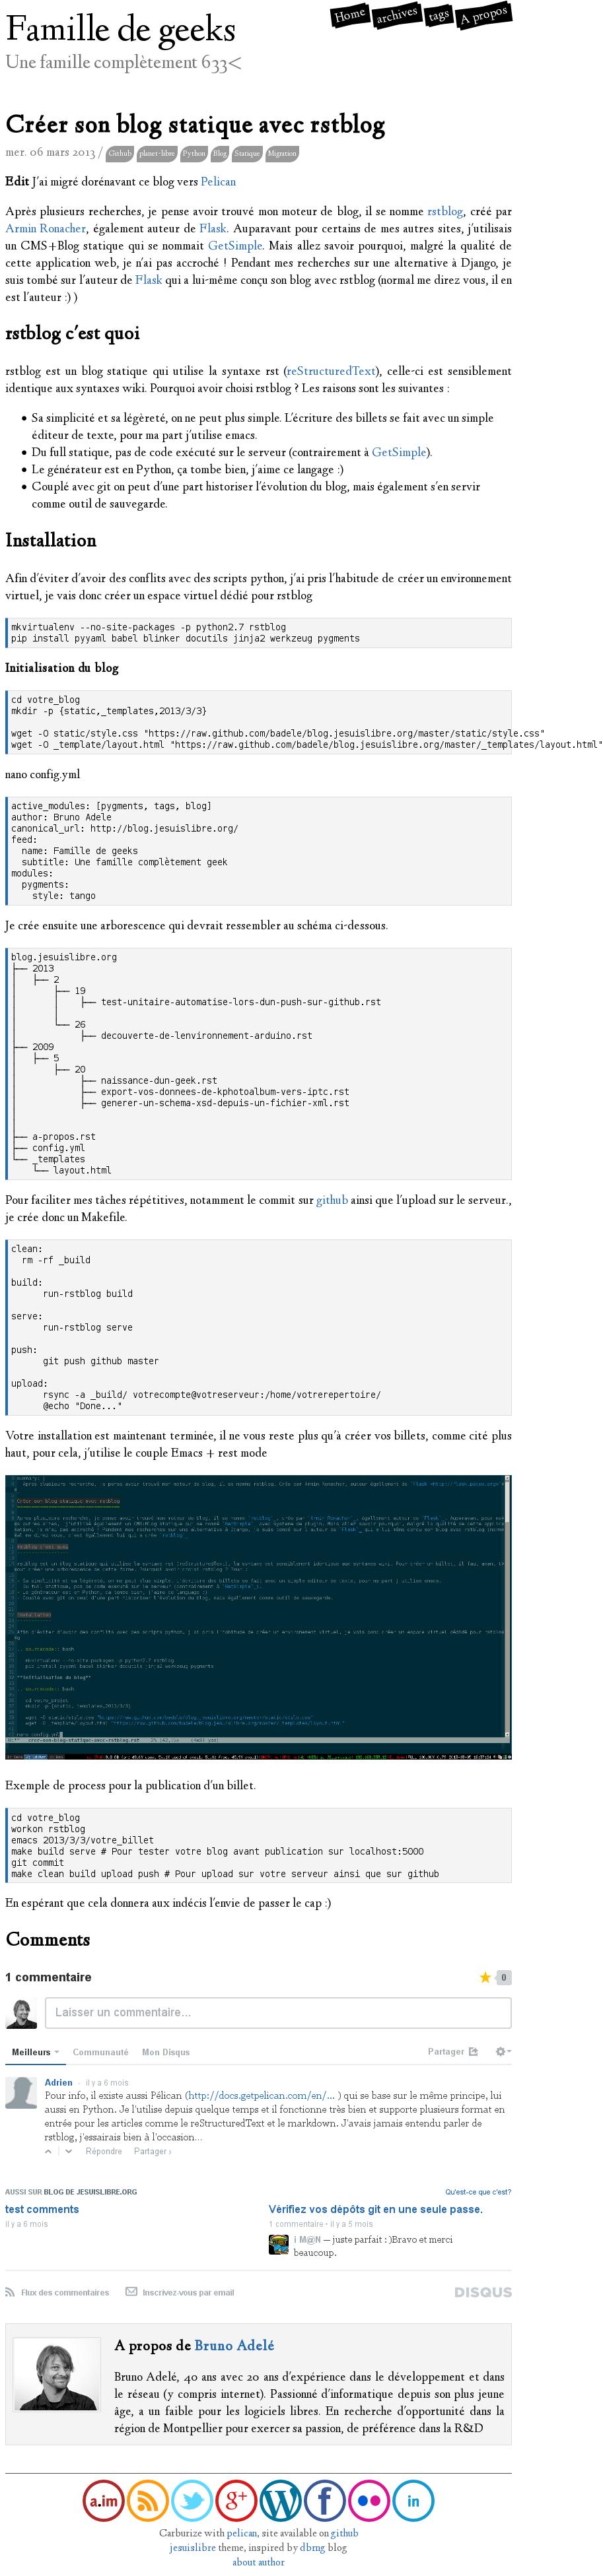 pelican-theme-jesuislibre/screenshot_article.png